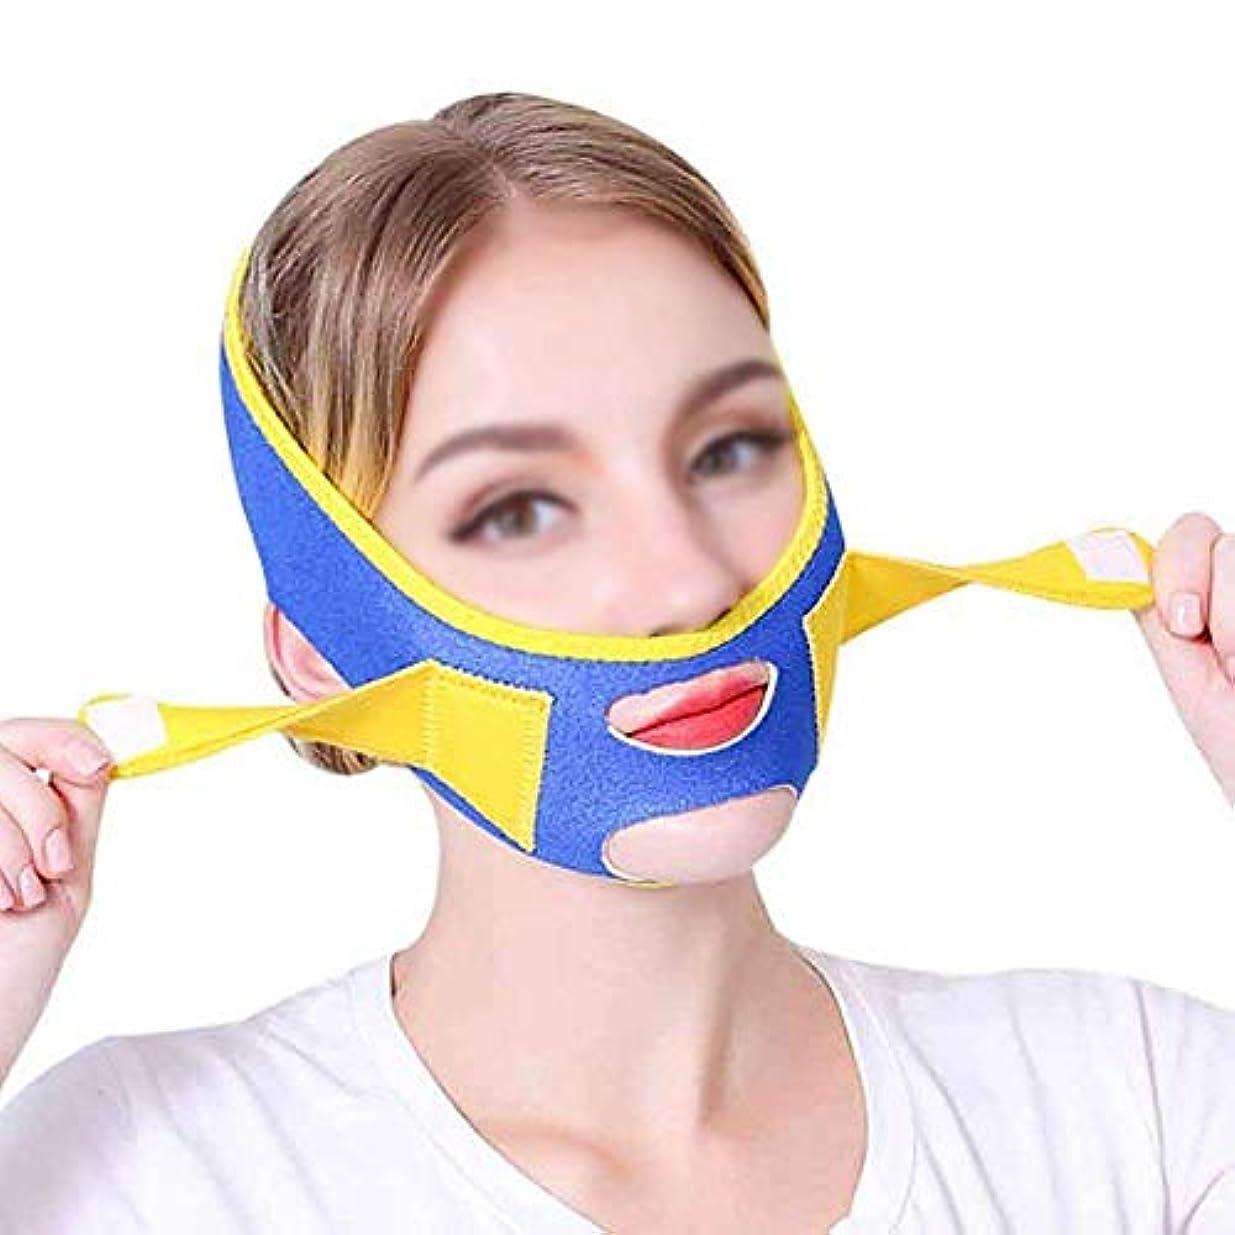 平らにする均等に脅かすフェイスリフトマスク、あごひも回復包帯薄いフェイスマスクVフェイスステッカーフェイスリフトステッカー韓国本物のリフティング引き締め引き締め成形薄いダブルチンフェイスリフト睡眠包帯アーティファクト